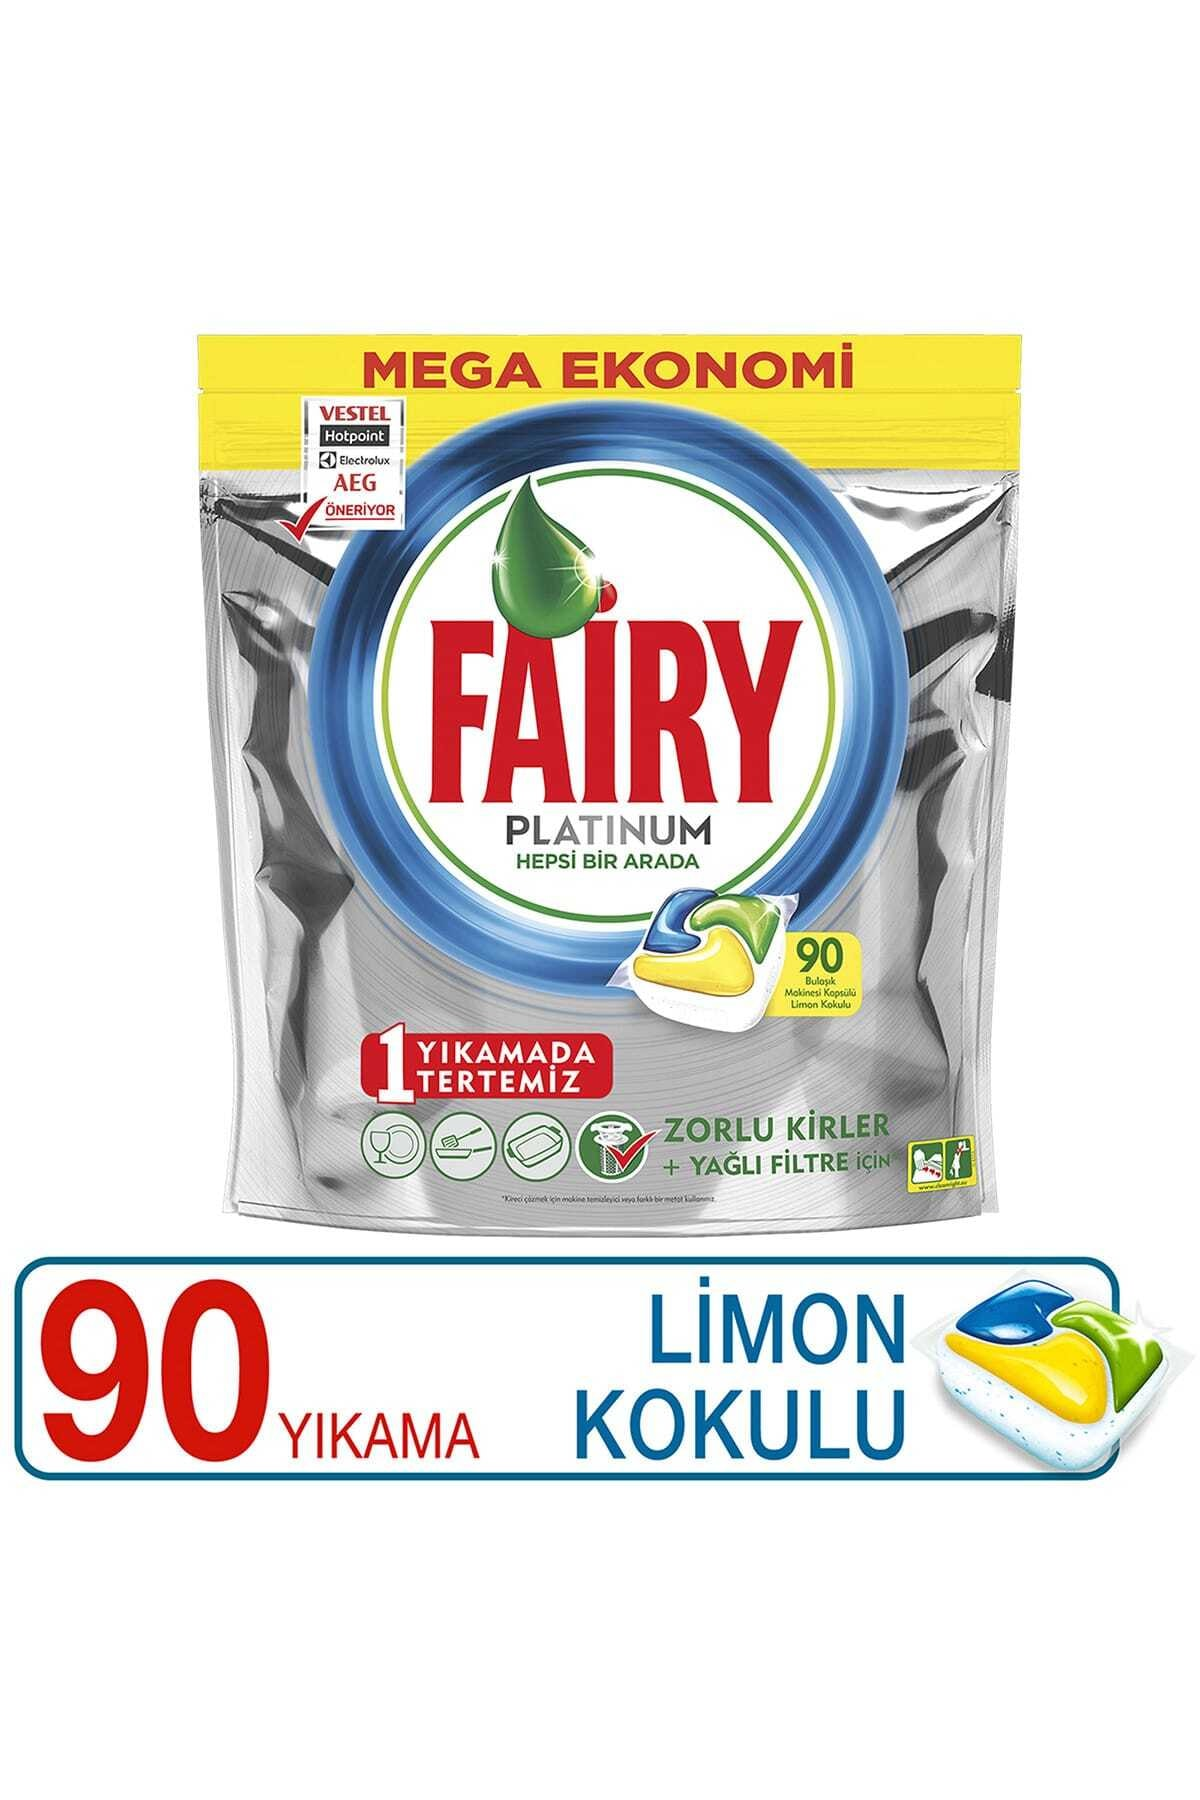 Fairy Platinum Limon Kokulu Bulaşık Makinesi Deterjanı Tablet 90 Yıkama 1